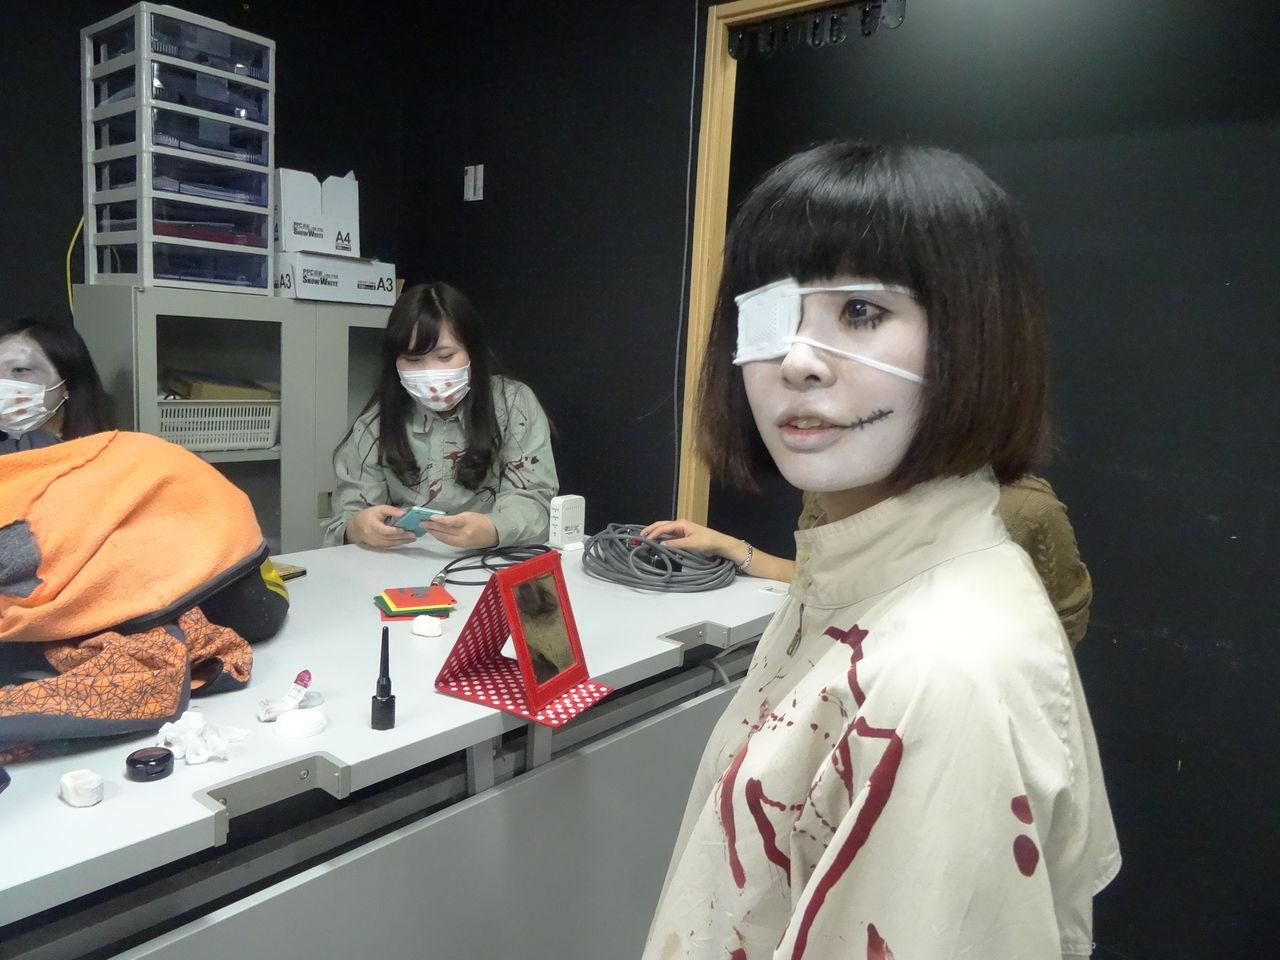 音響芸術学科Blog  学校祭! お化け屋敷編コメント